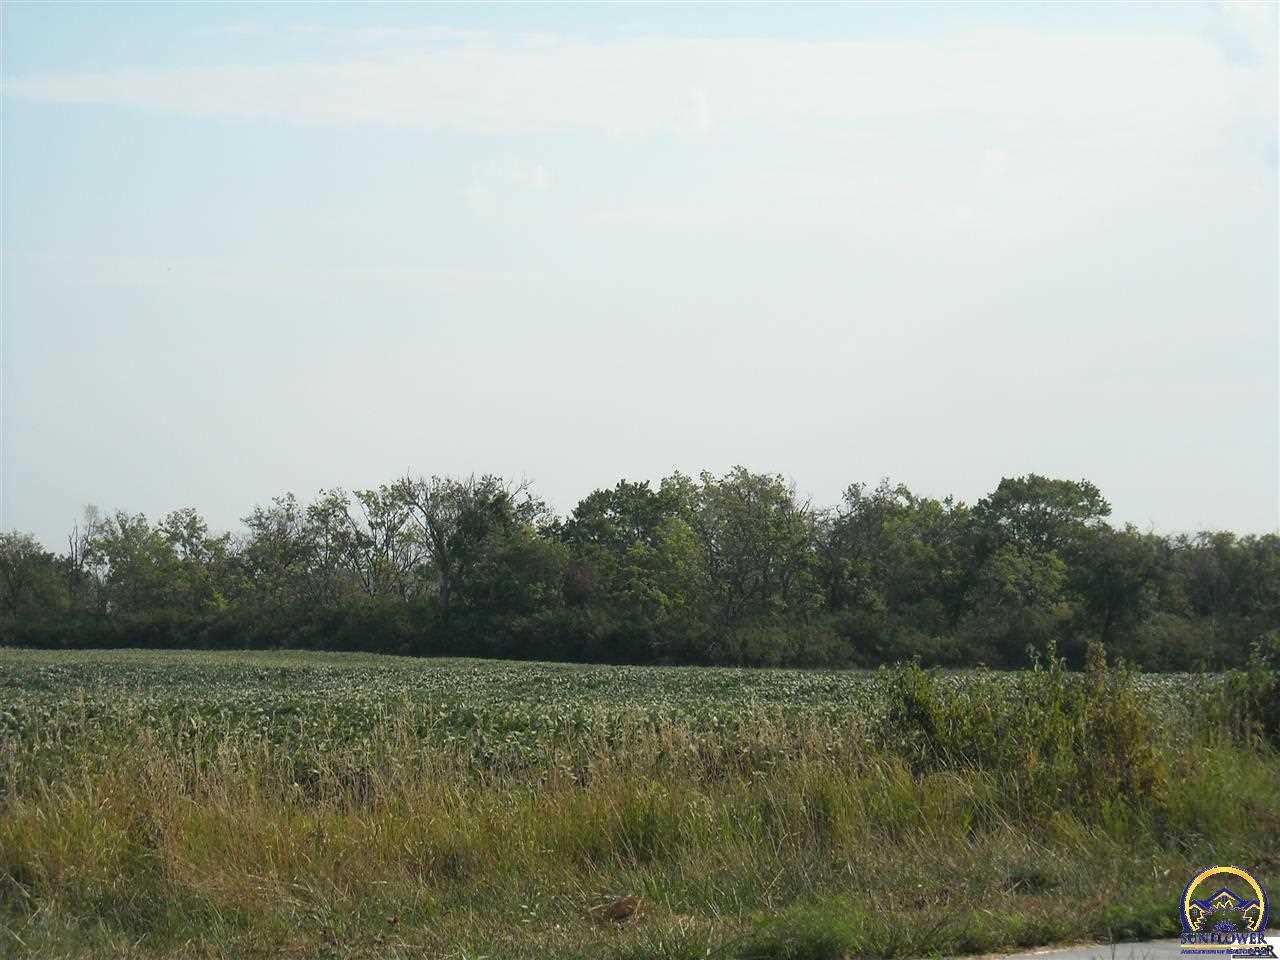 Photo of Lot 2, Blk B SW 17th ST Topeka KS 66615